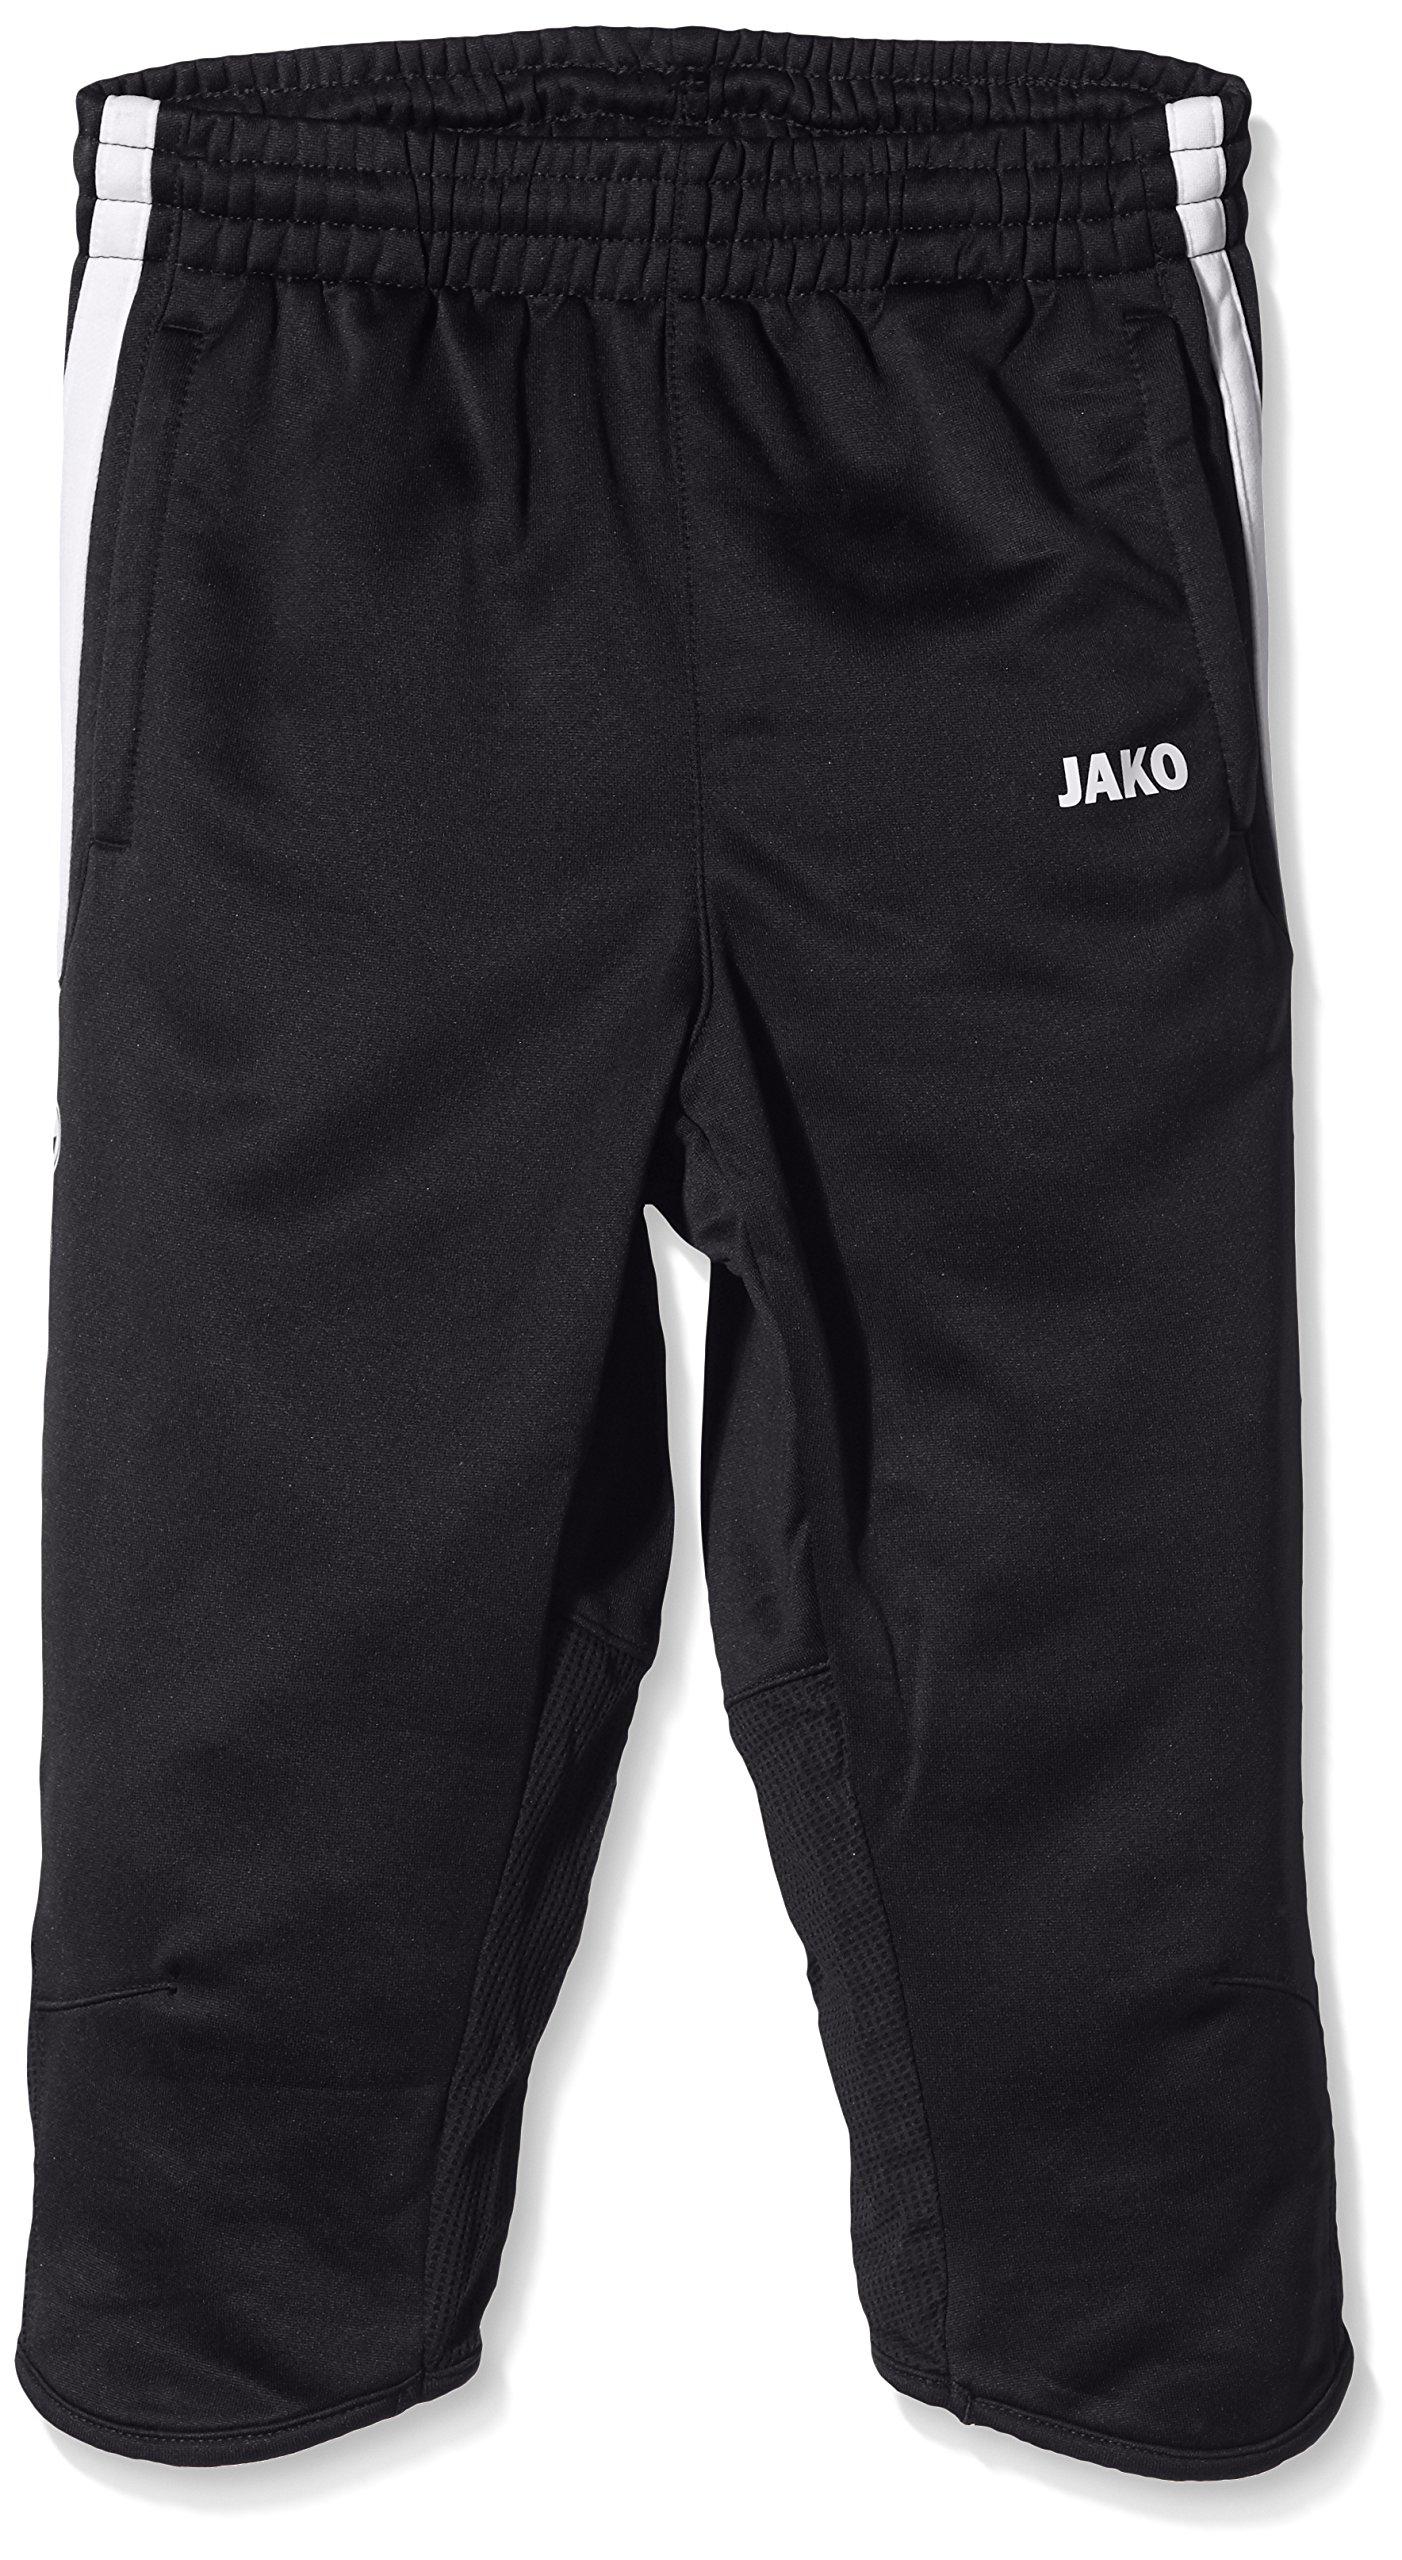 JAKO Mens Hose Trainingsshorts Active Active Training Shorts